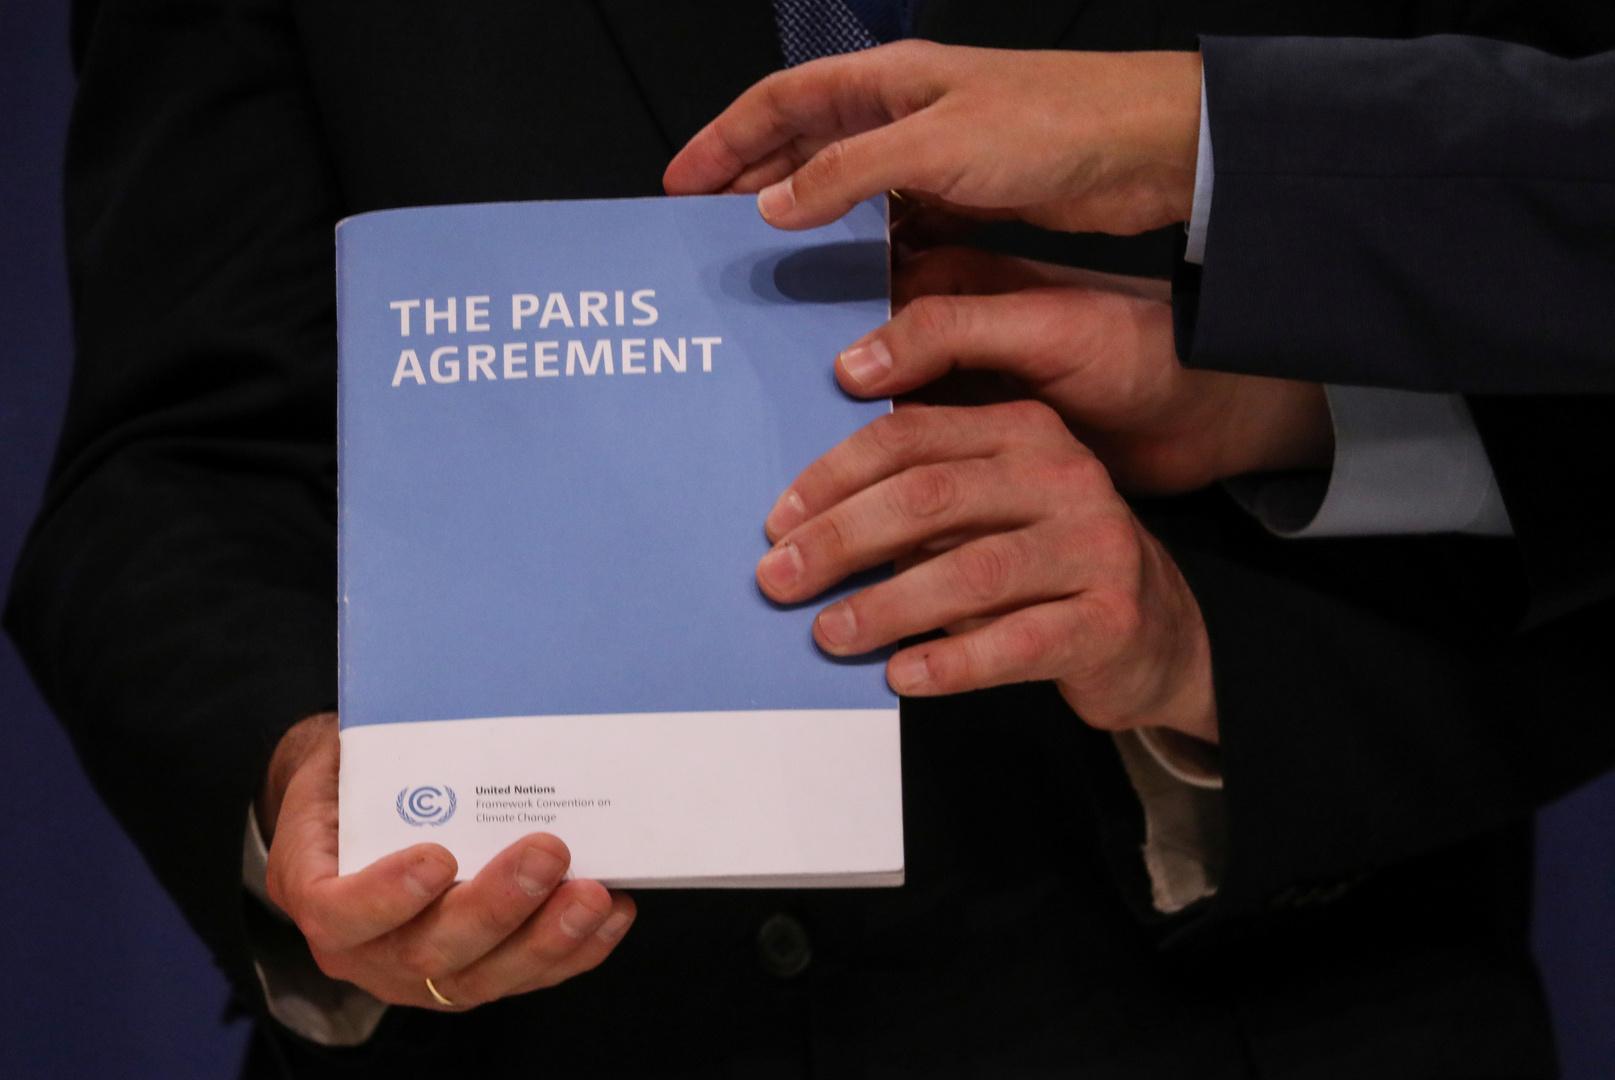 البنك الأوروبي لإعادة الإعمار والتنمية يوائم أنشطته مع اتفاقية باريس للمناخ